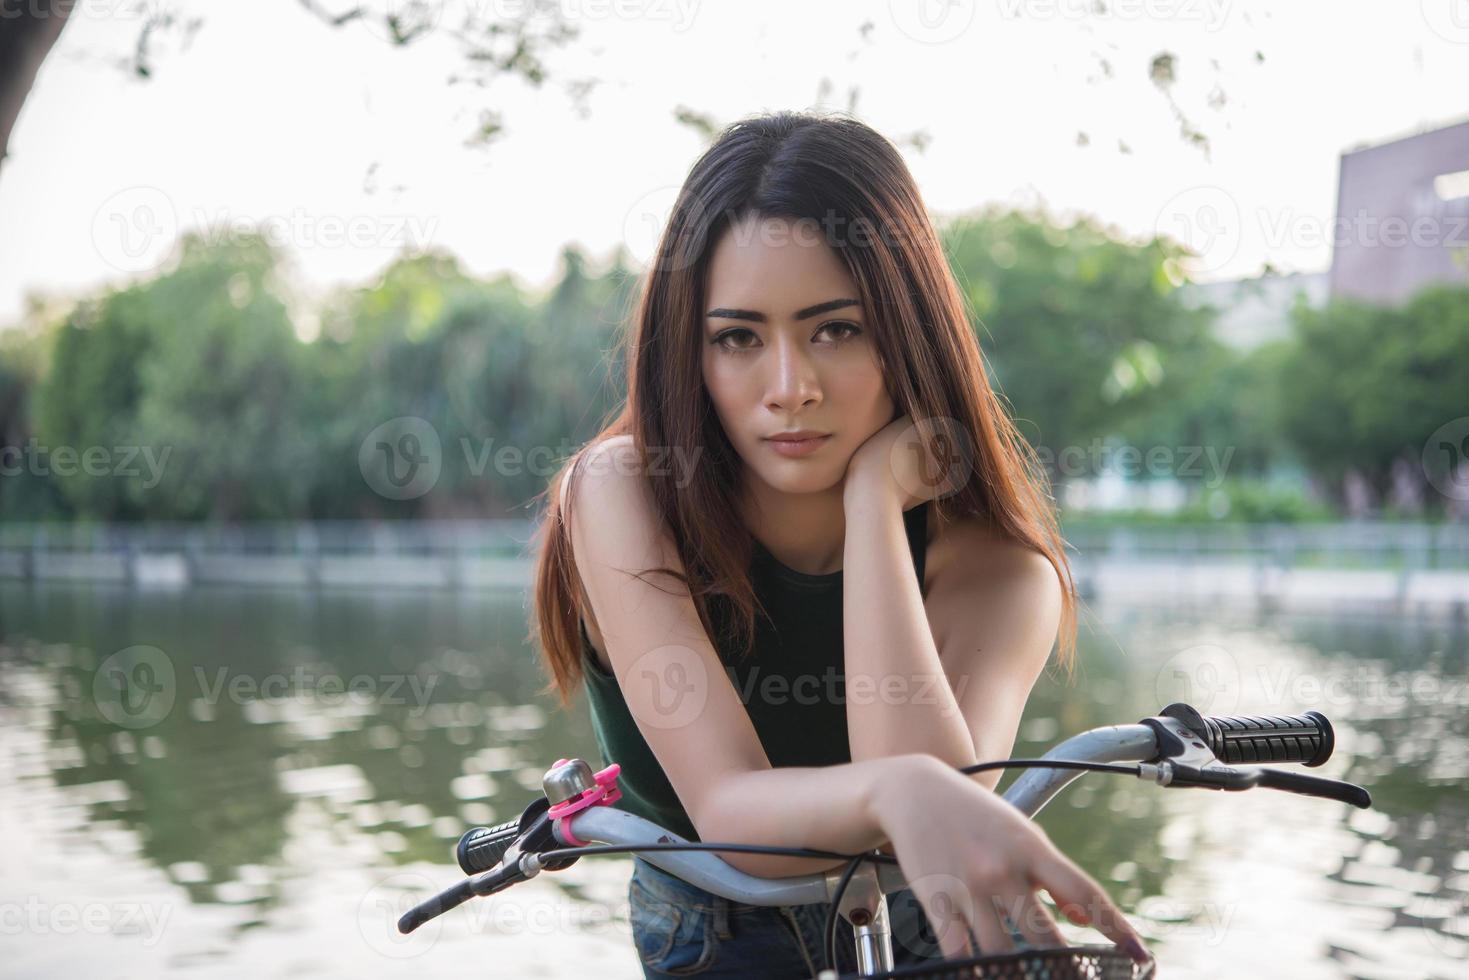 mooie jonge vrouw fietsten in groen park foto